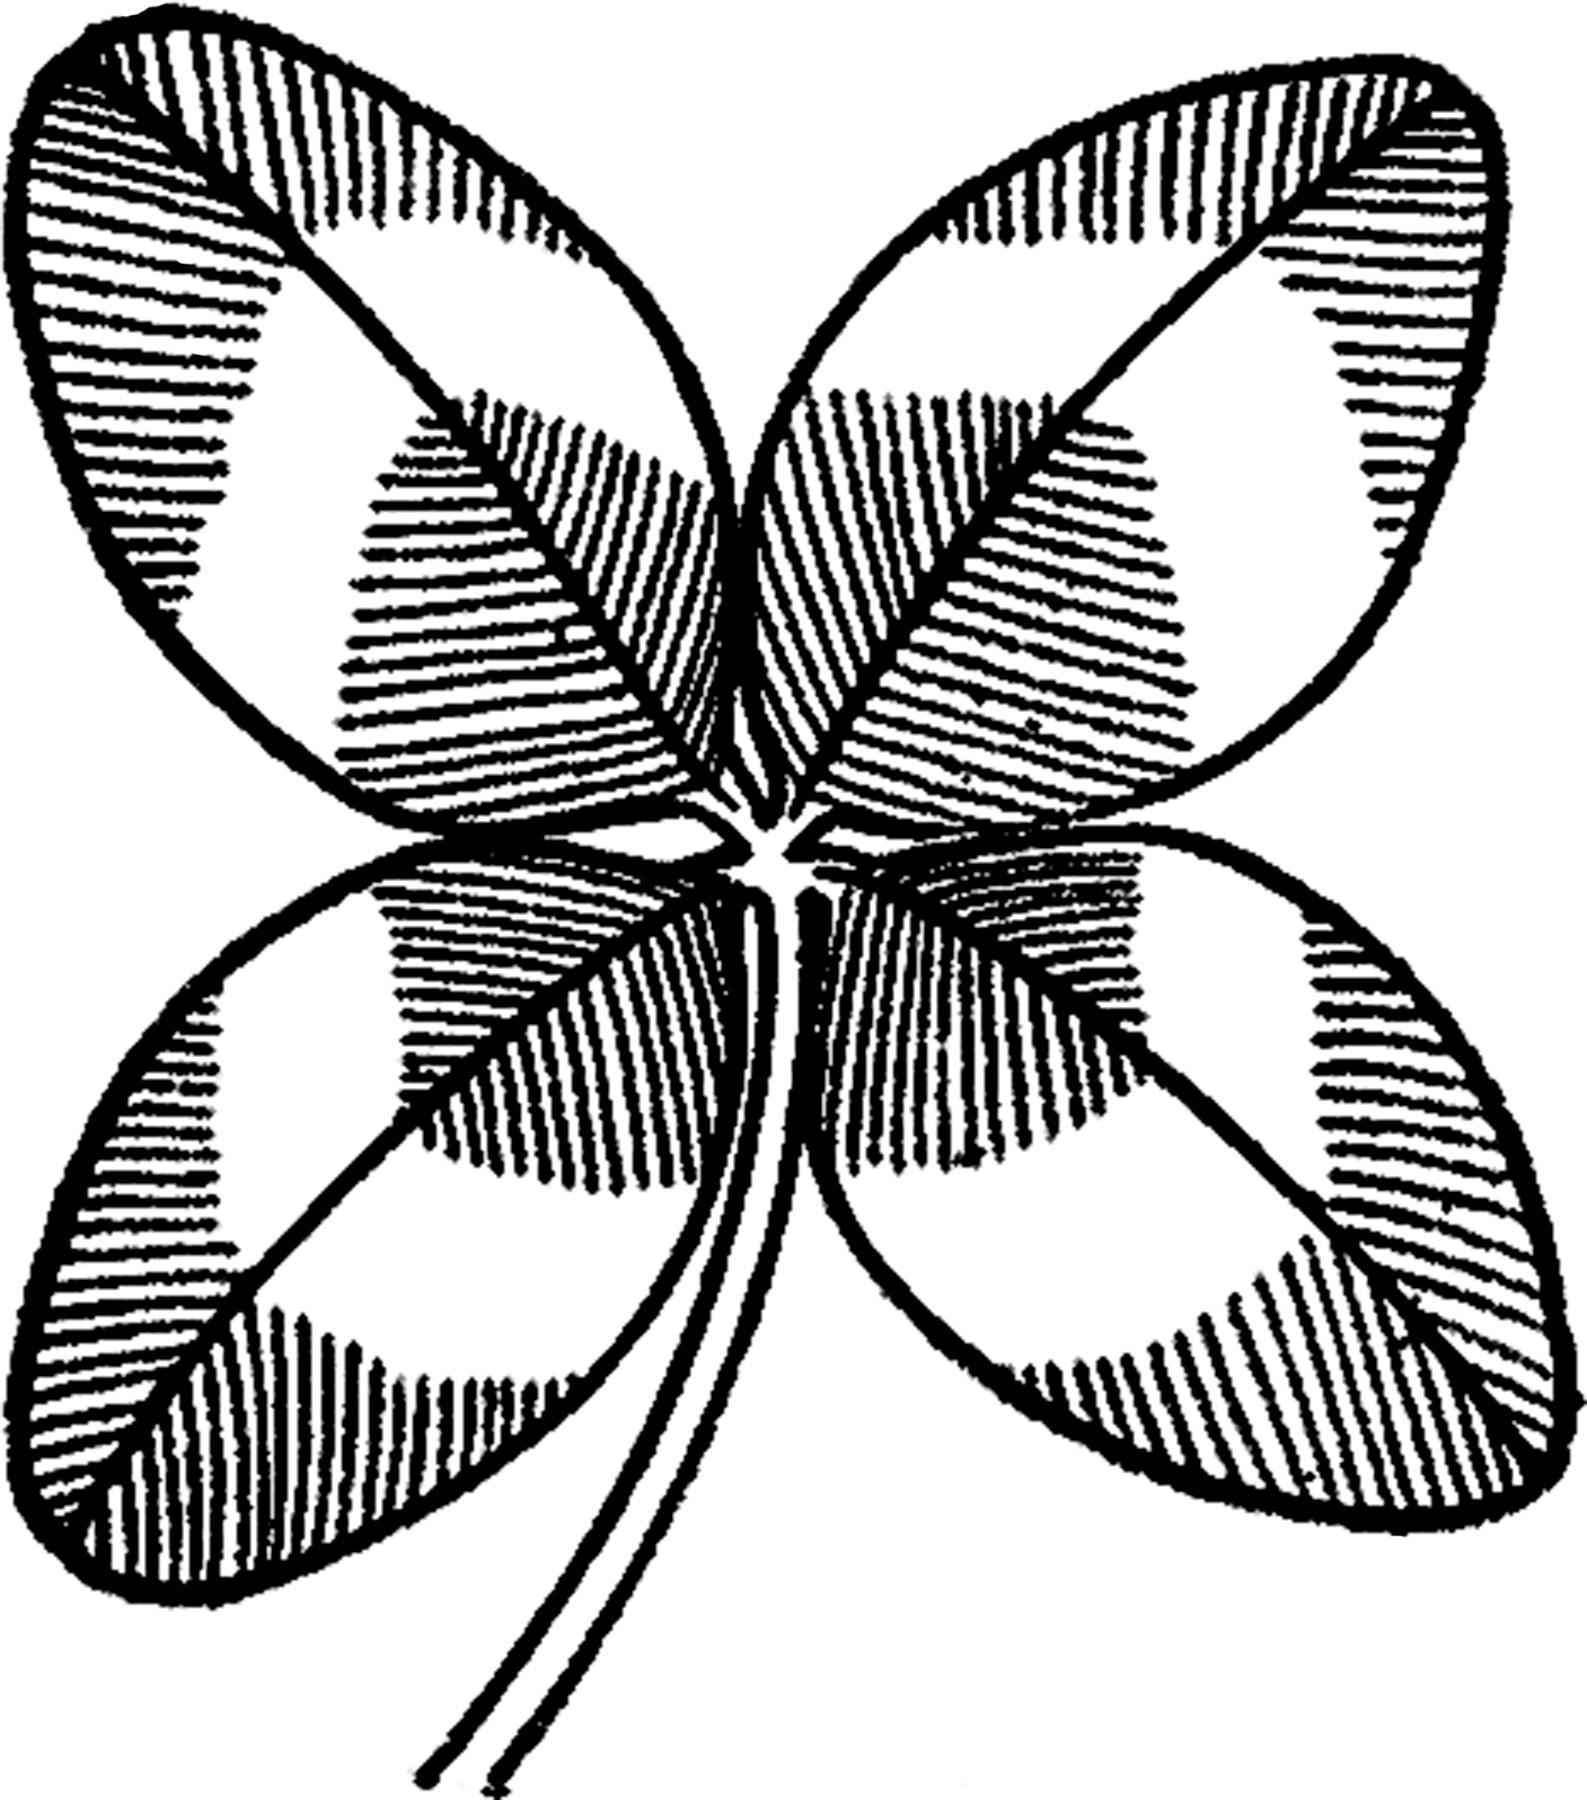 Vintage Four Leaf Clover Image